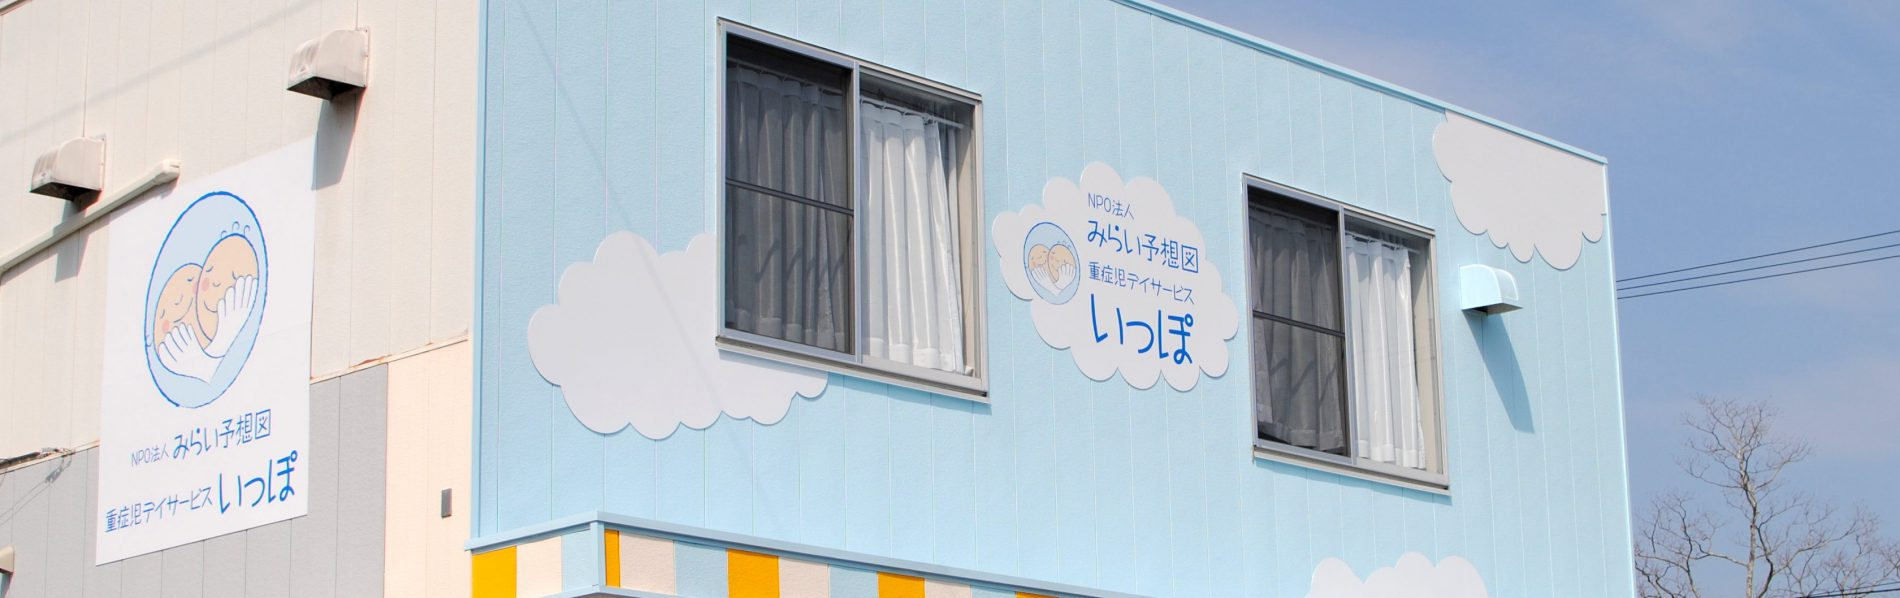 http://mirai-yosouzu.com/ippo/